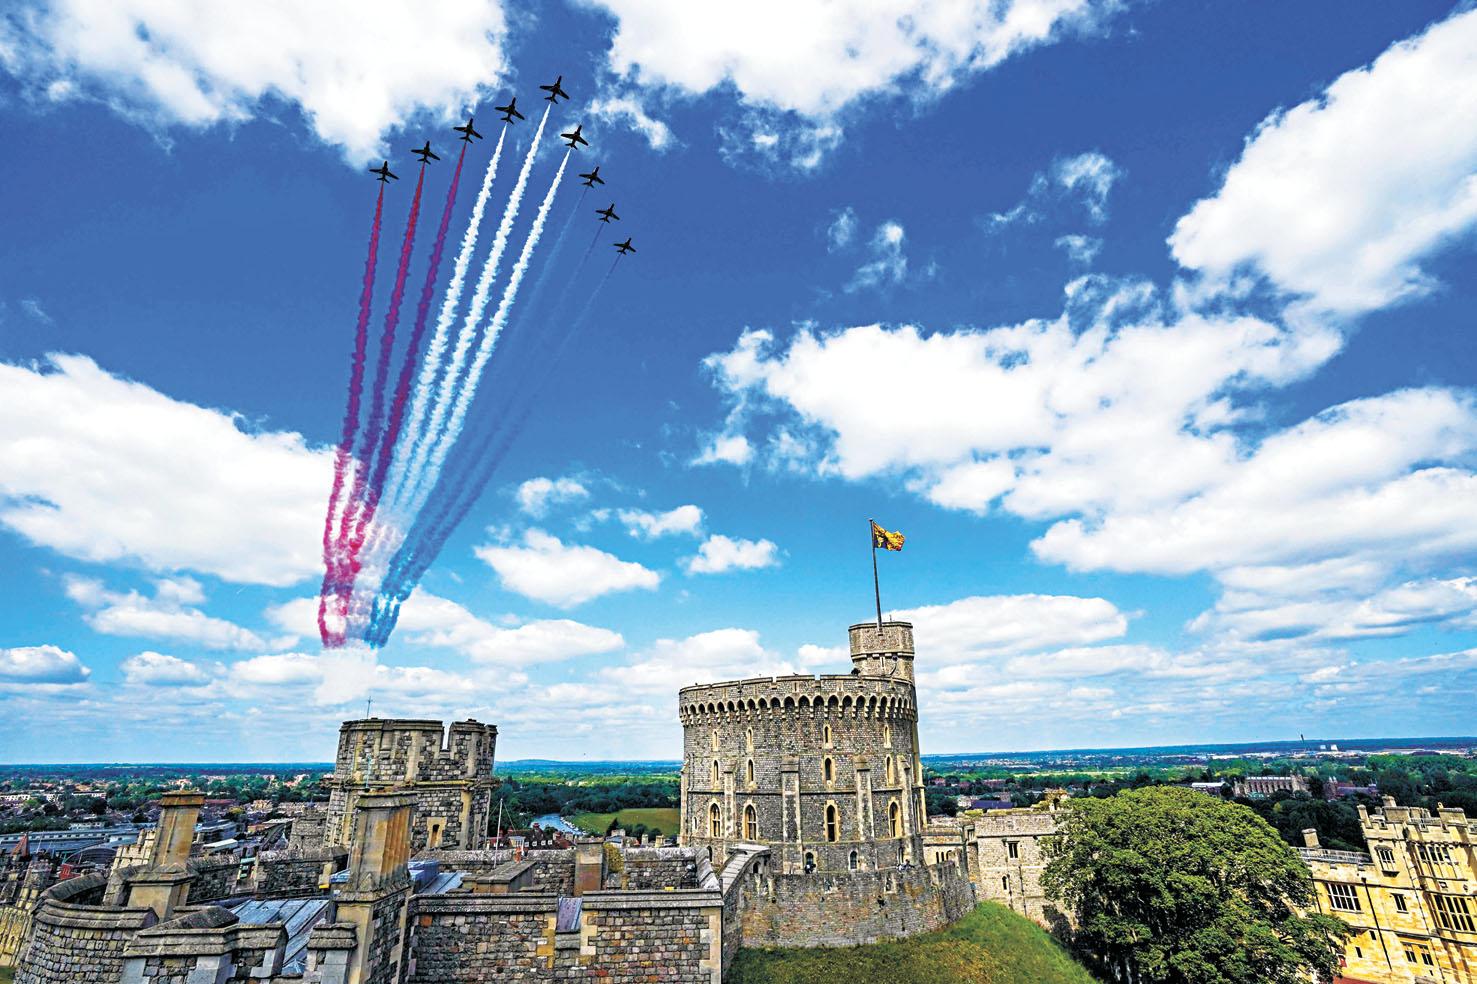 英國皇家空軍「紅箭」特技飛行隊在上空飛越溫莎堡。法新社